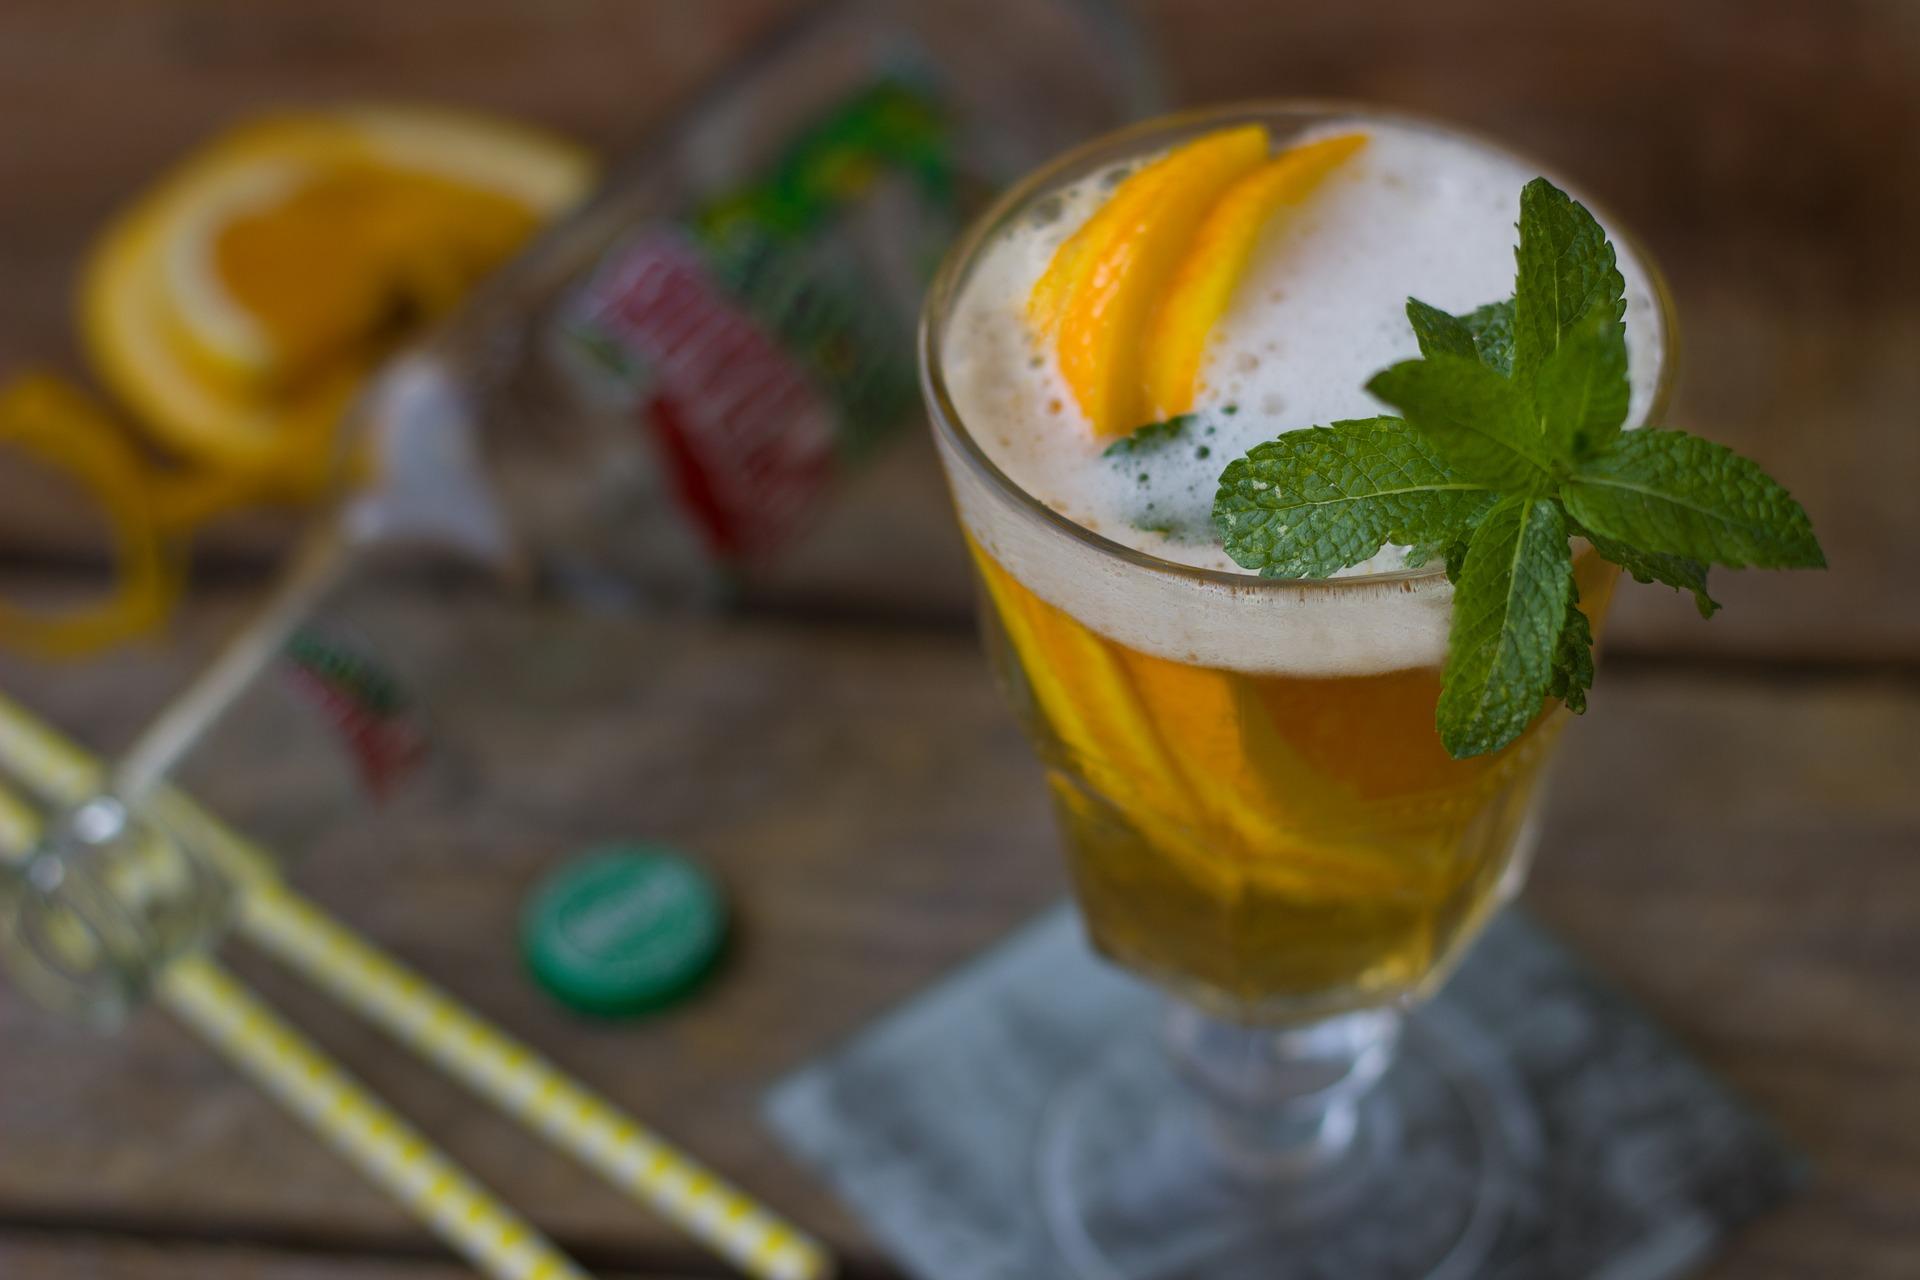 タイでビールを制覇!種類や値段・味をまとめ!お土産にもおすすめ